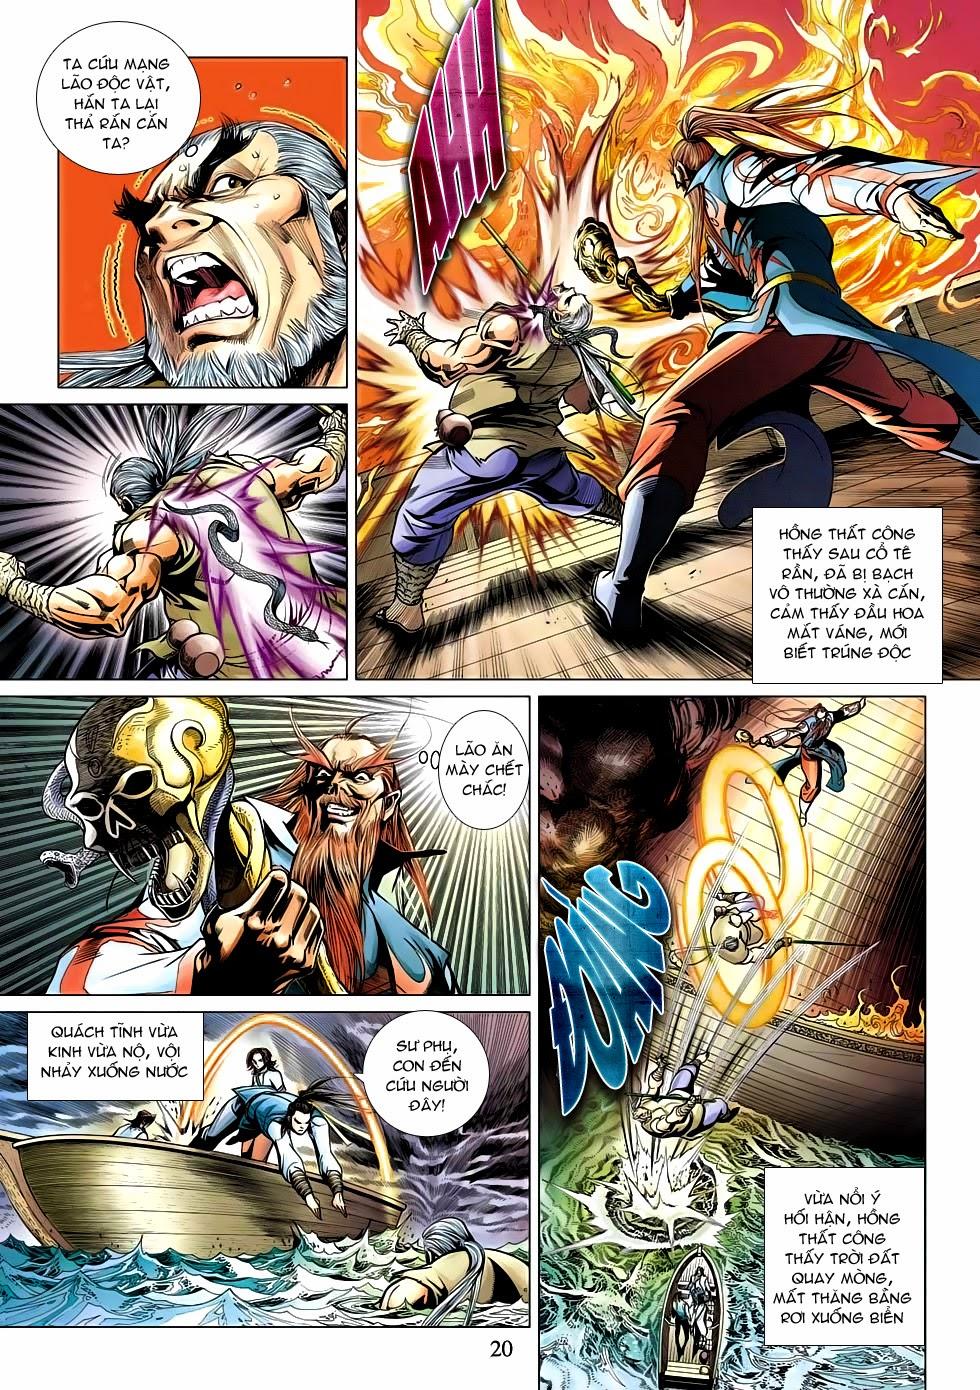 Anh Hùng Xạ Điêu anh hùng xạ đêu chap 53: lâm nguy thụ mệnh đả cẩu học pháp trang 21